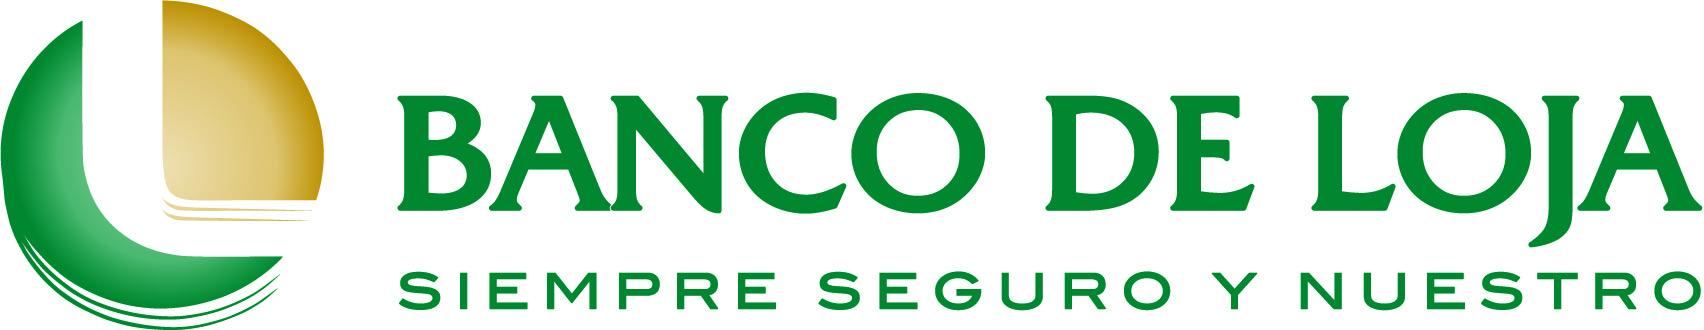 Banco de Loja Logo photo - 1